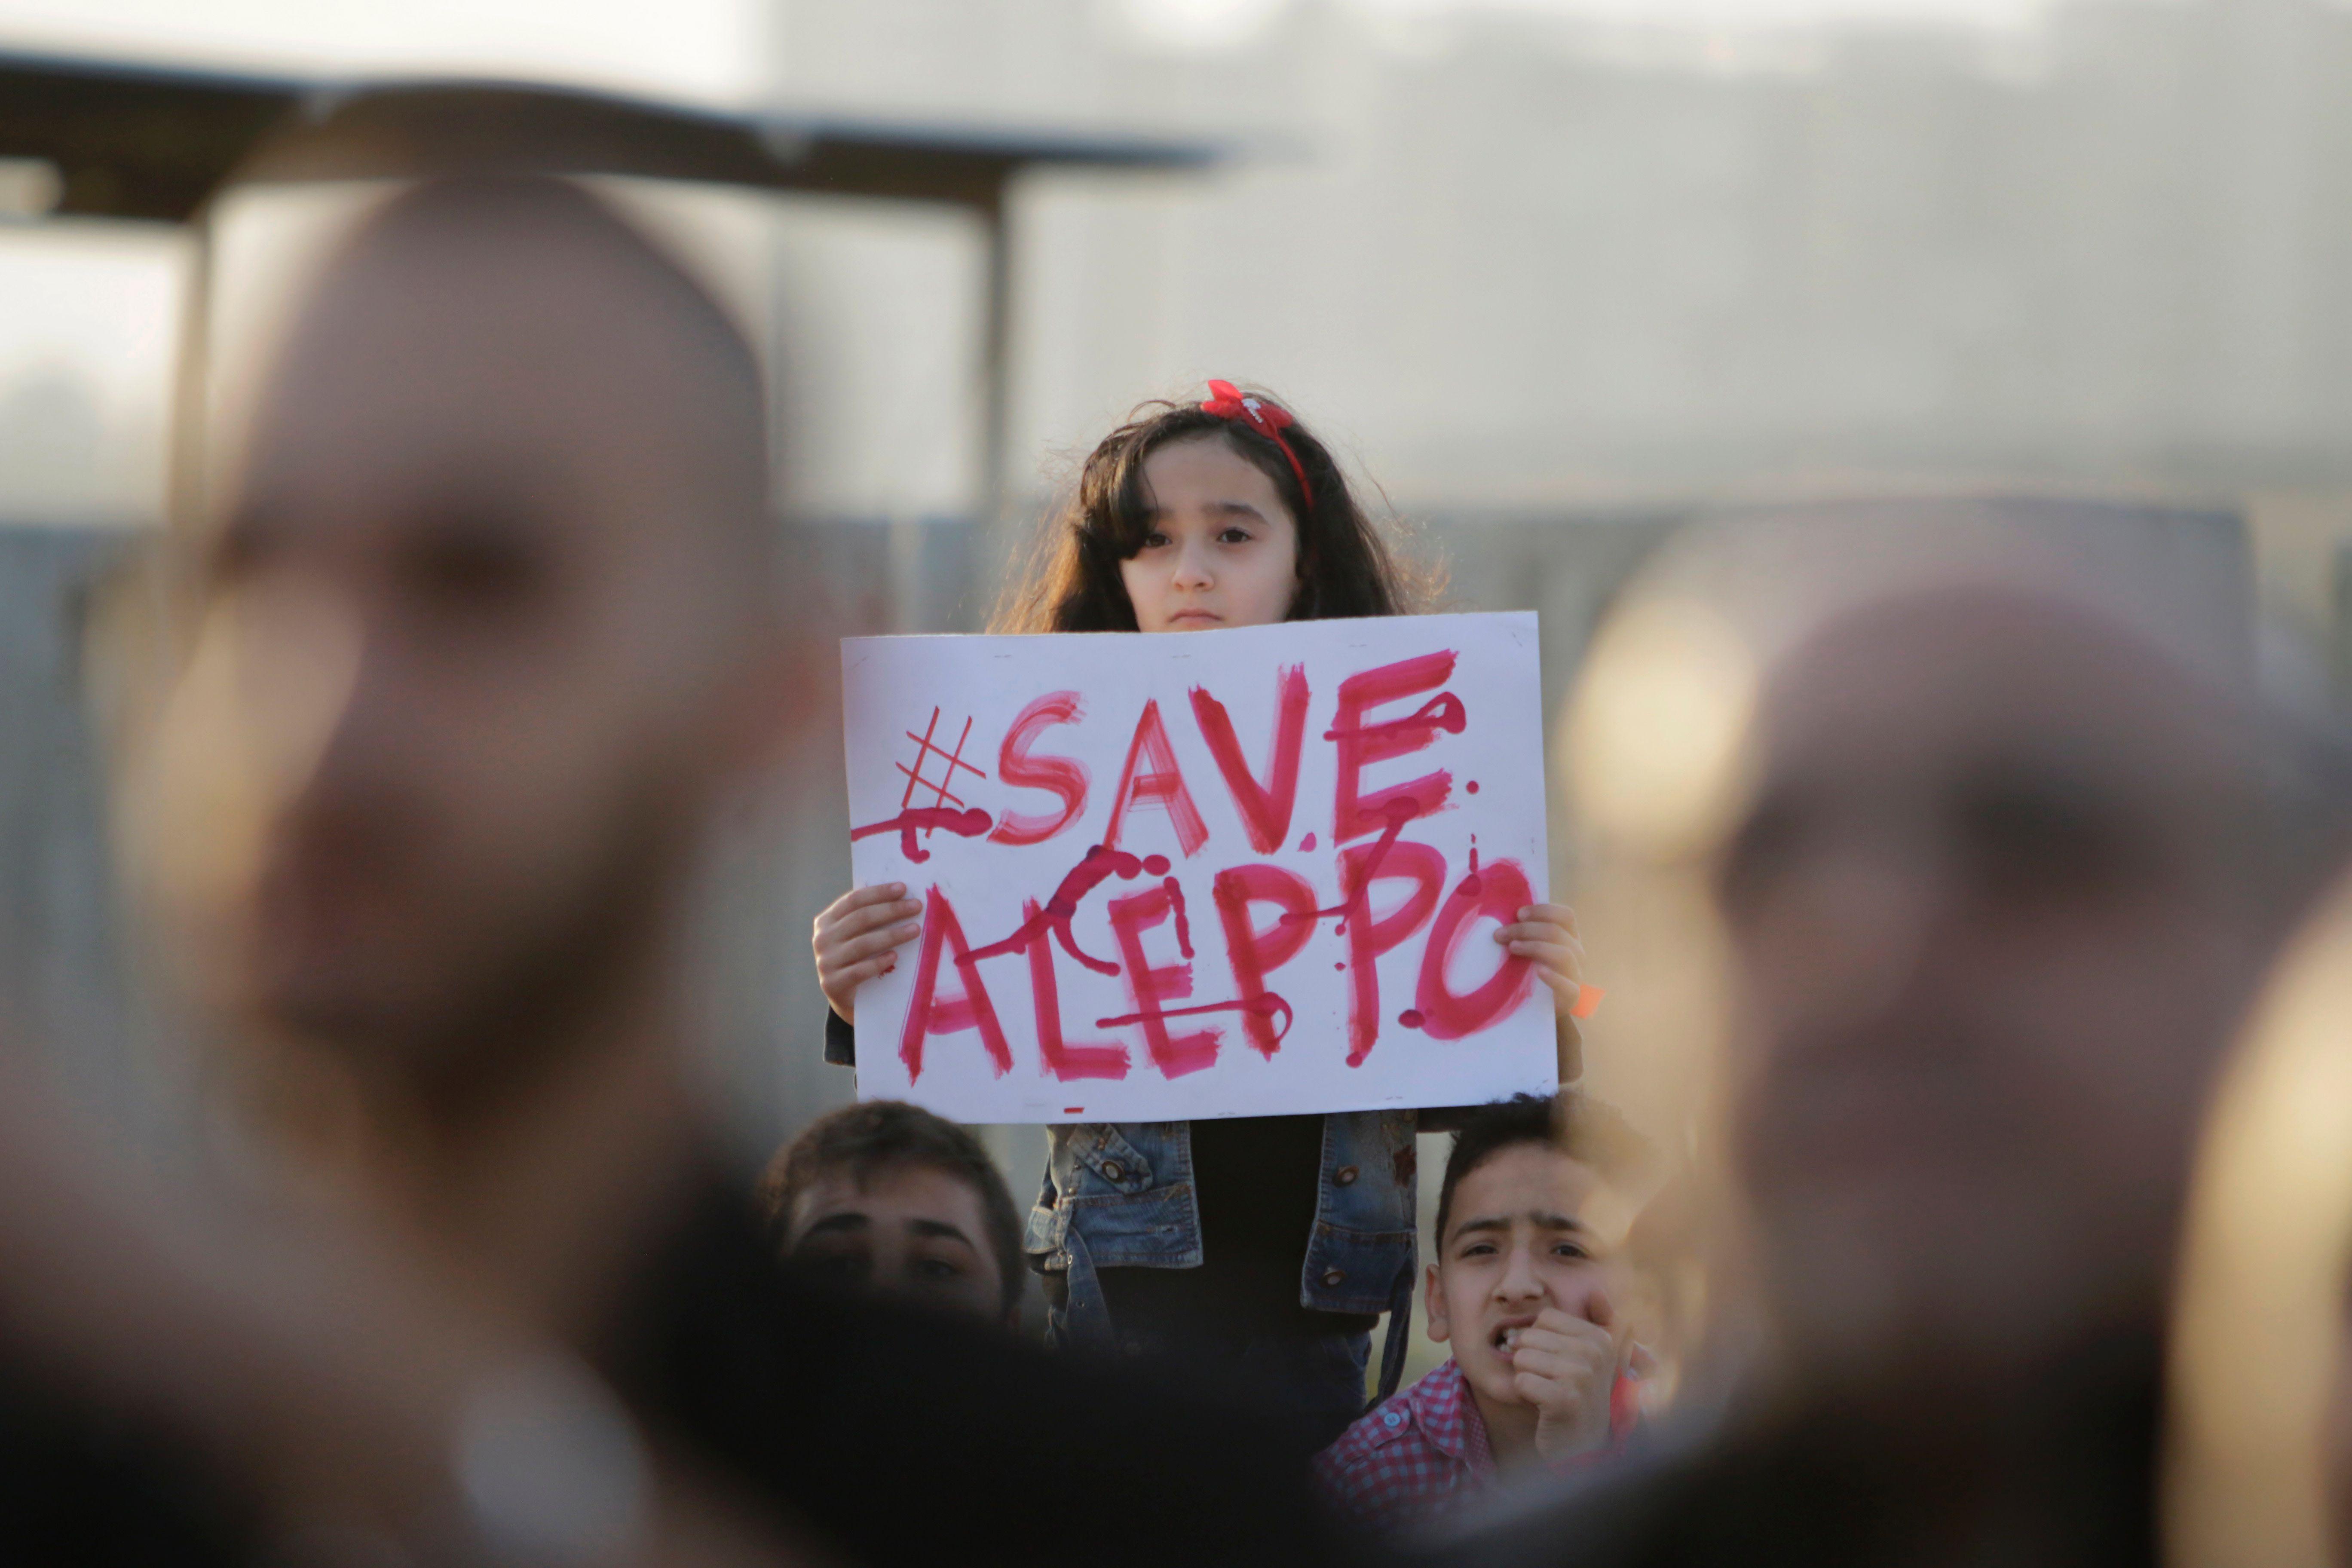 Intensos combates se desarrollan hoy entre facciones rebeldes y los efectivos gubernamentales sirios en barrios del oeste de la ciudad de Alepo.